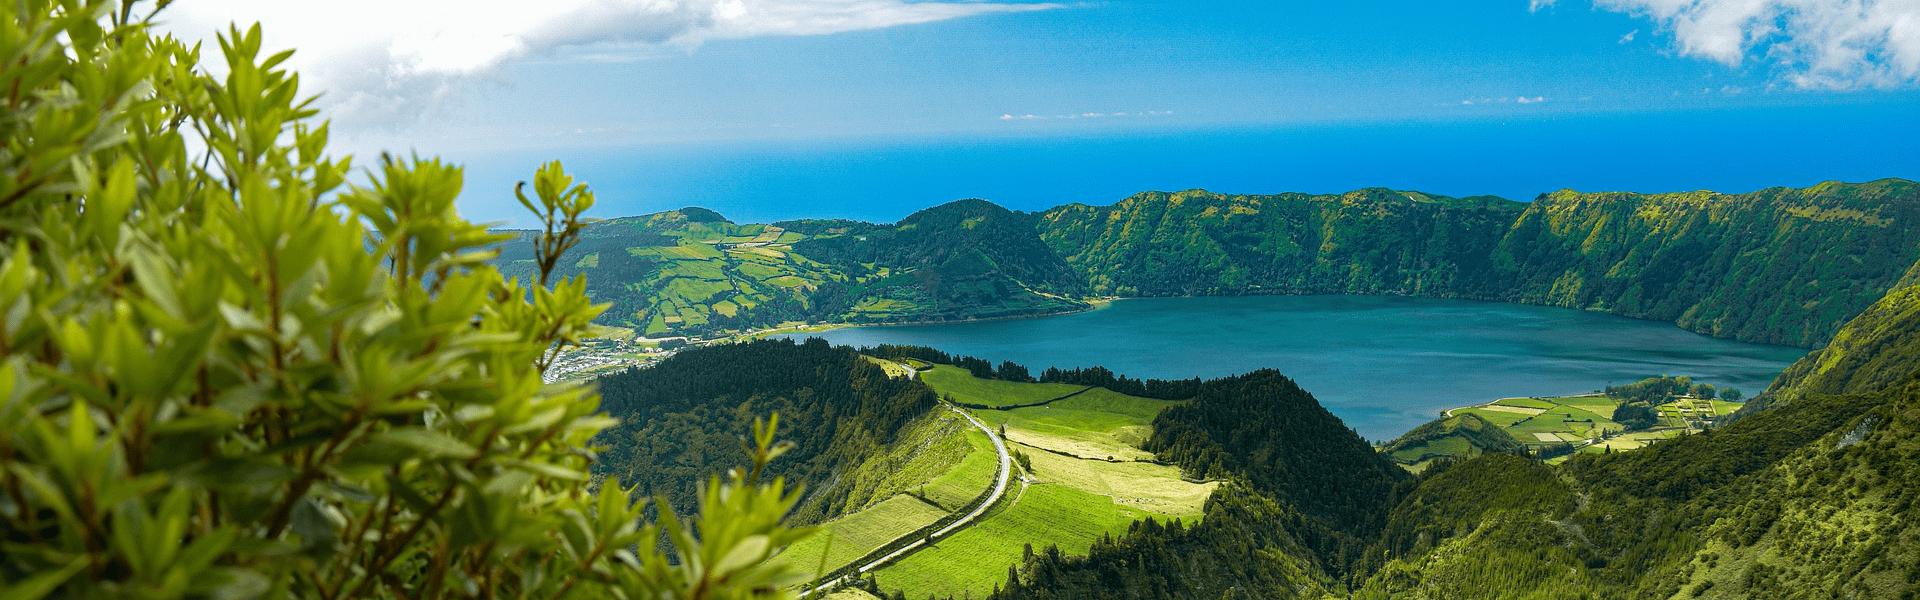 Azoren | Wandelvakantie op de Azoren